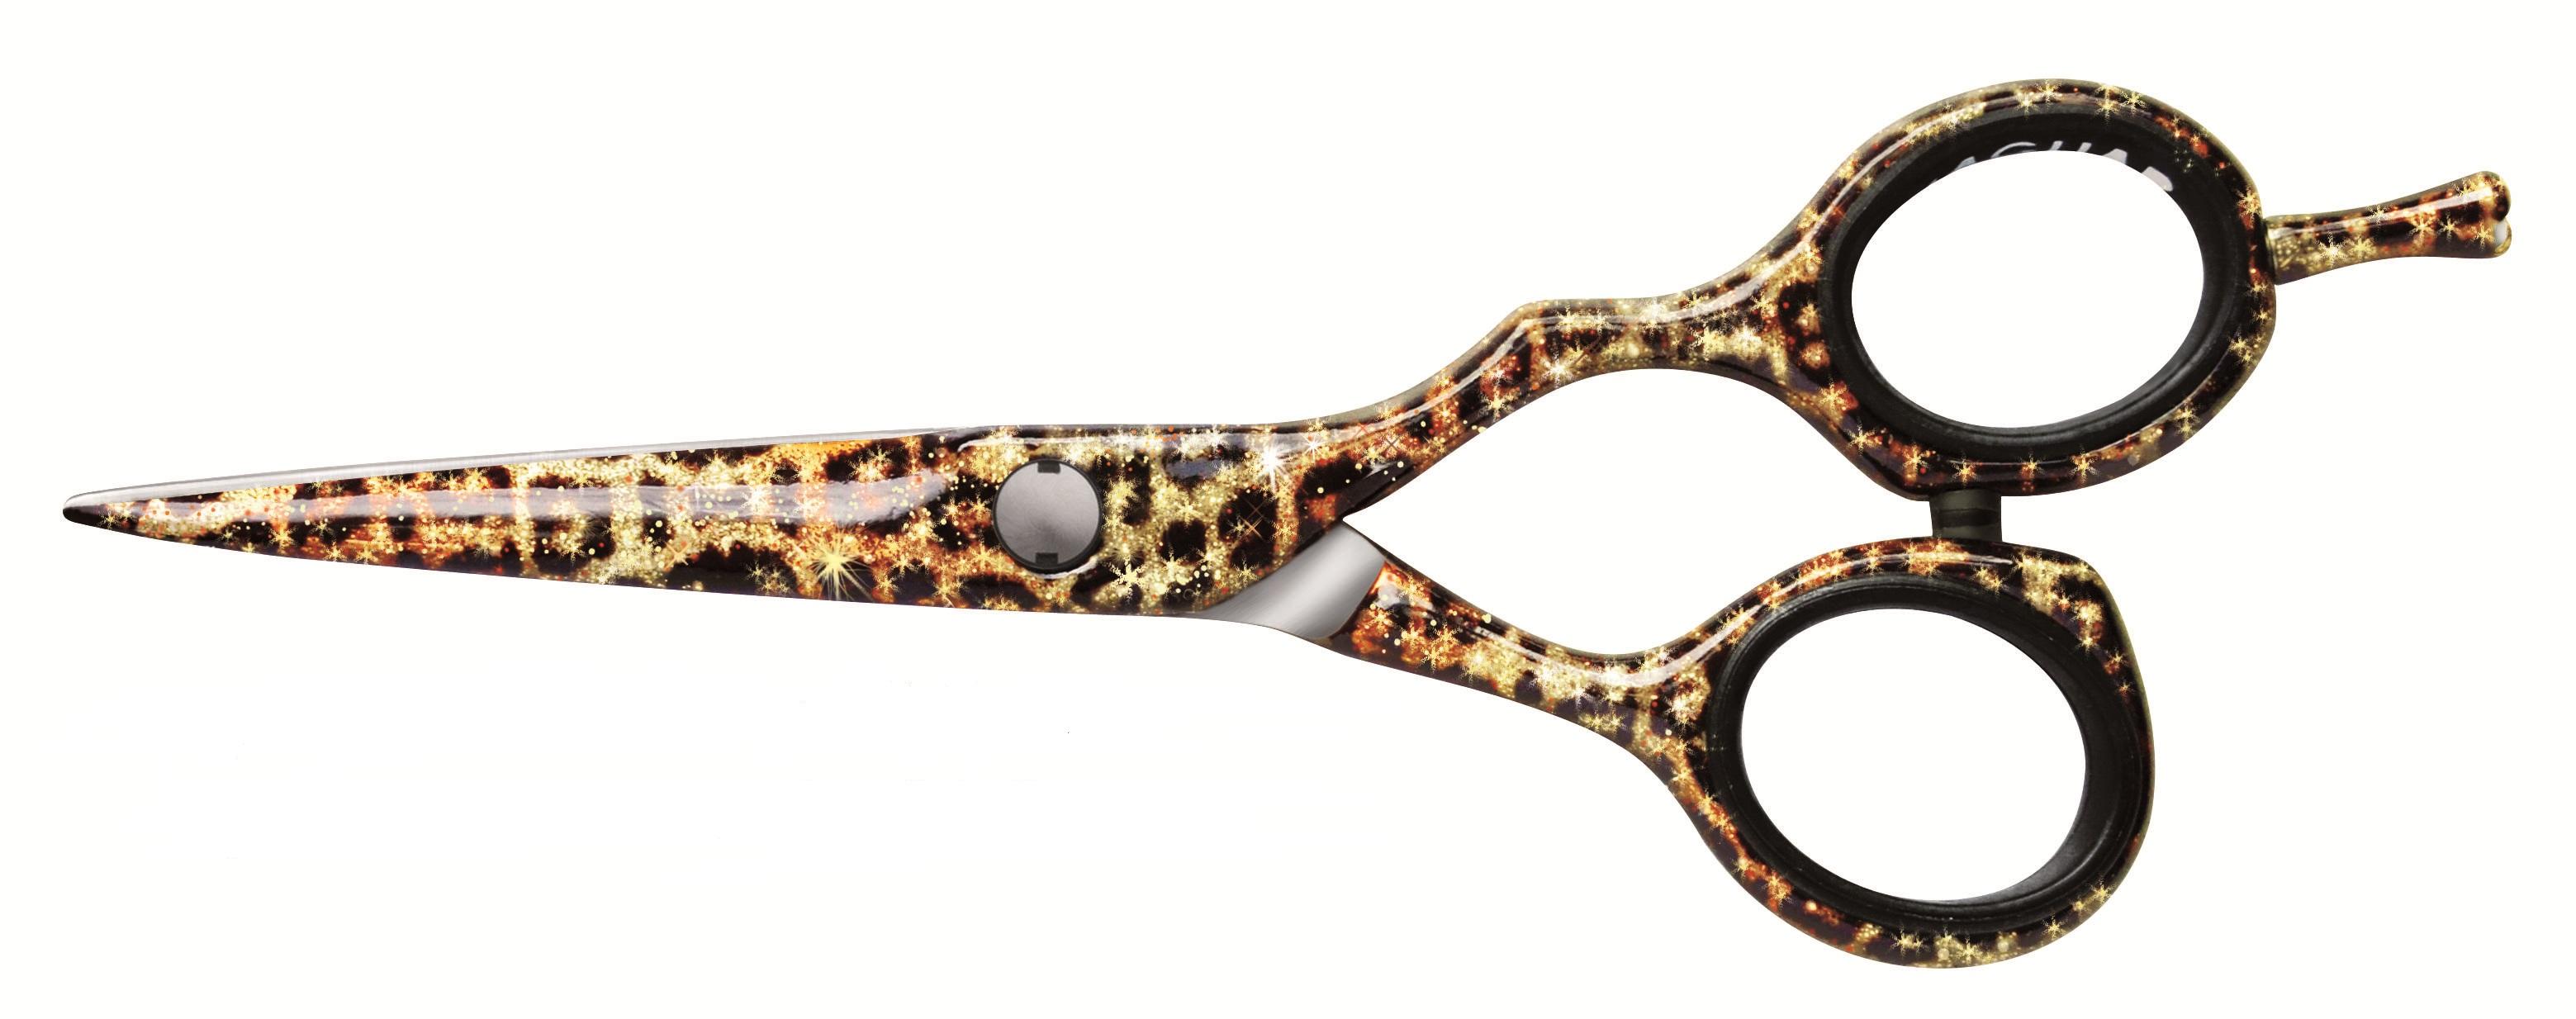 JAGUAR Ножницы Jaguar Wildcat 5'(13cm)GL jaguar ножницы jaguar silence 6 15 5cm gl